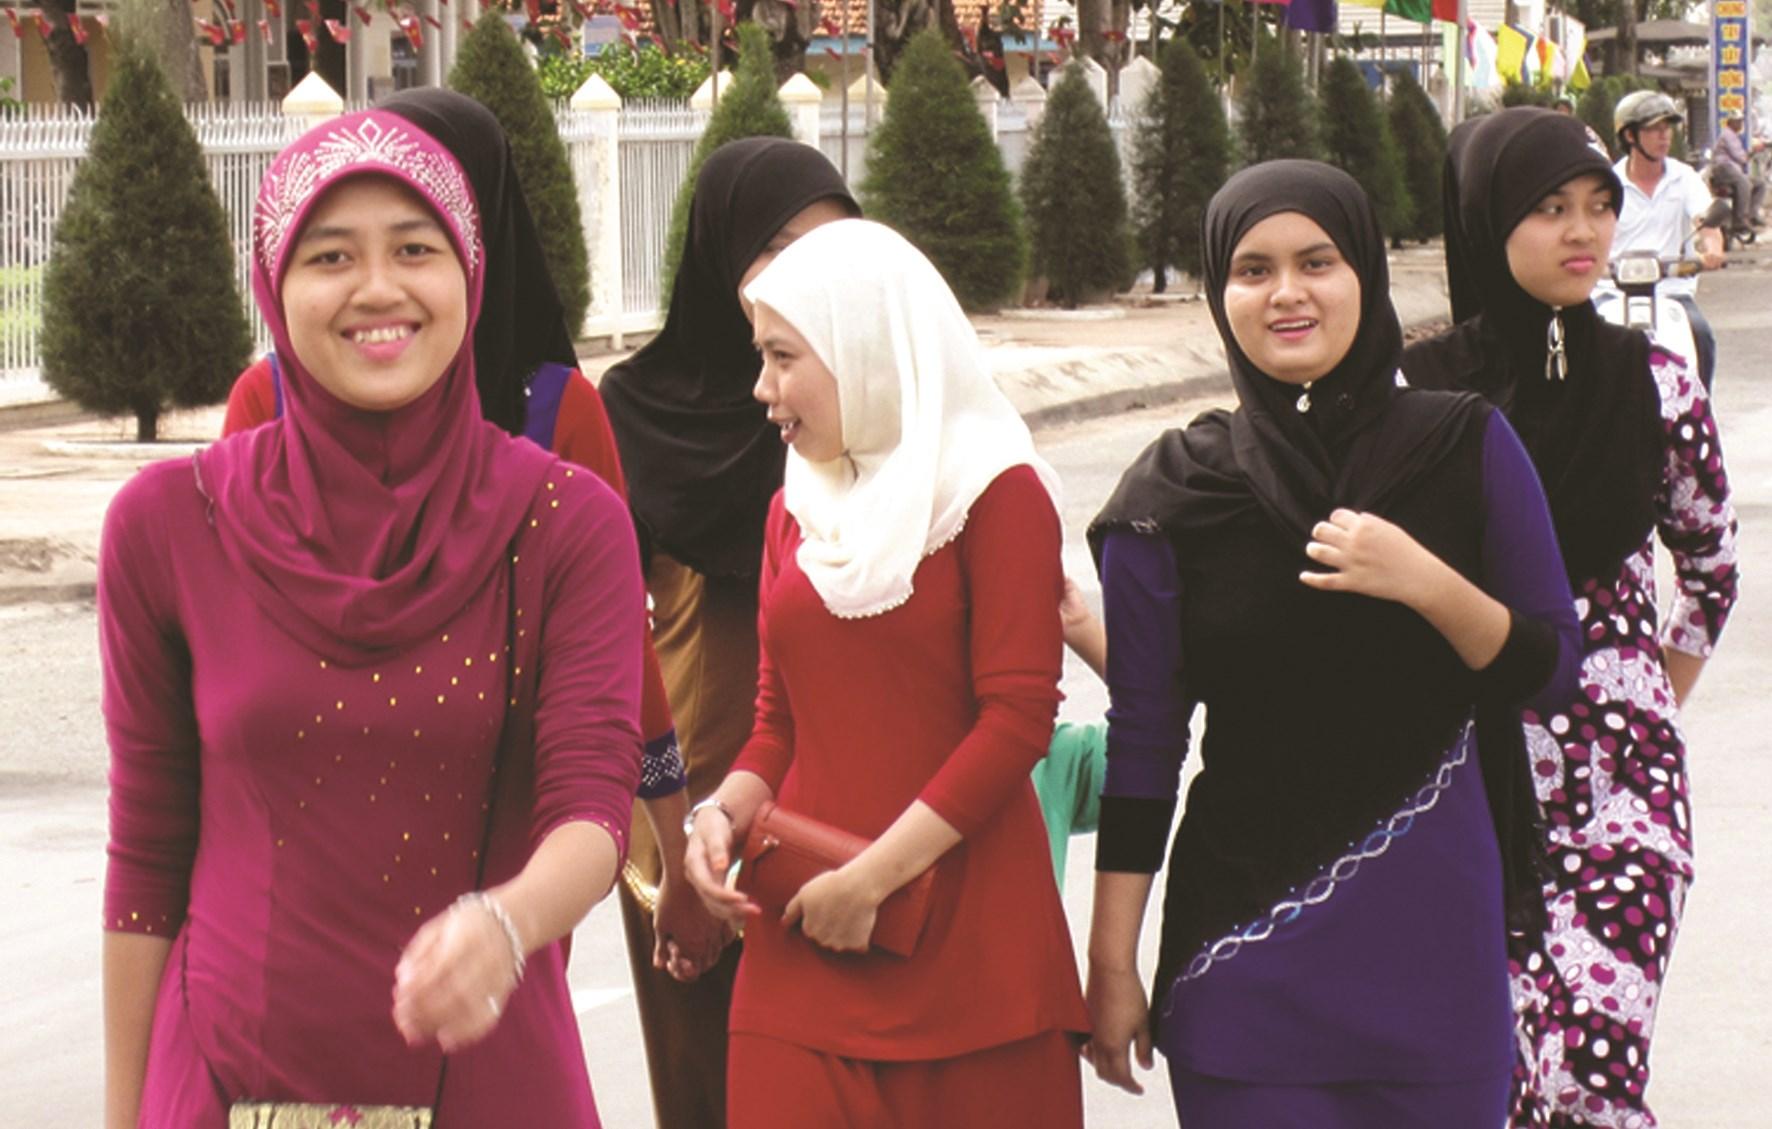 Thiếu nữ Chăm theo đạo Hồi Islam luôn trùm chiếc khăn mat'ra trên đầu